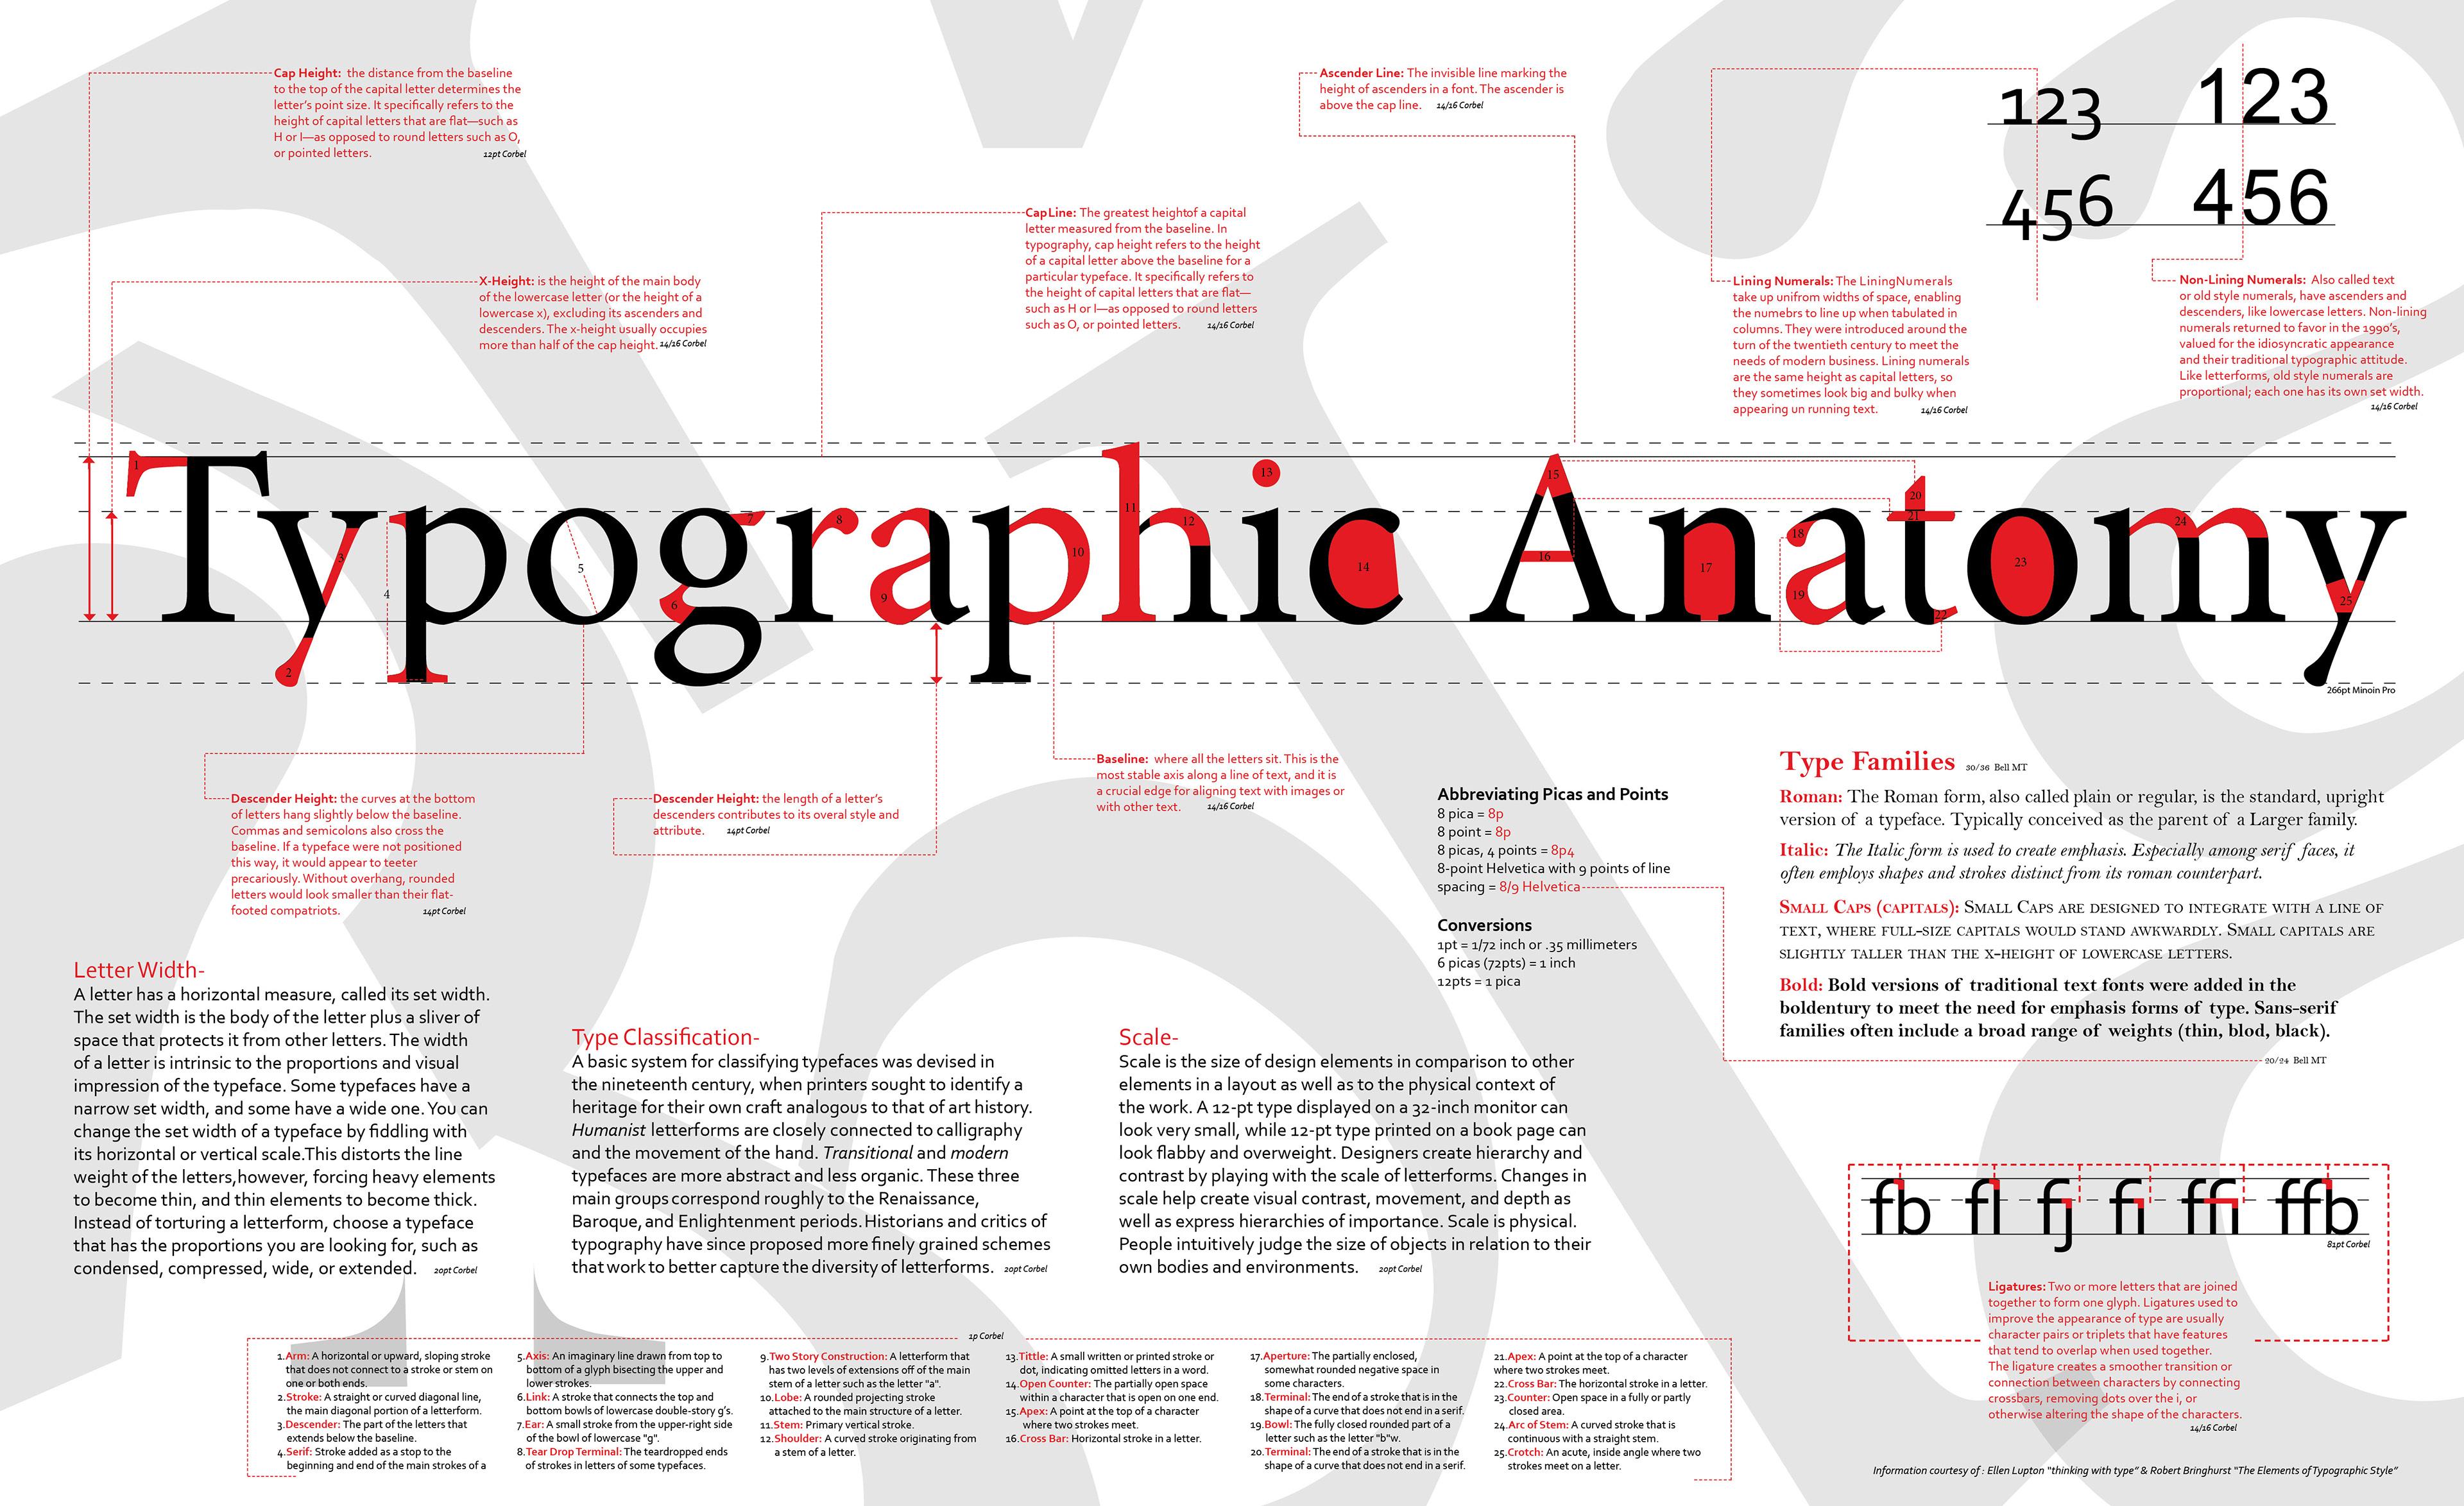 Cassondra Rosales - Typographic Anatomy Poster